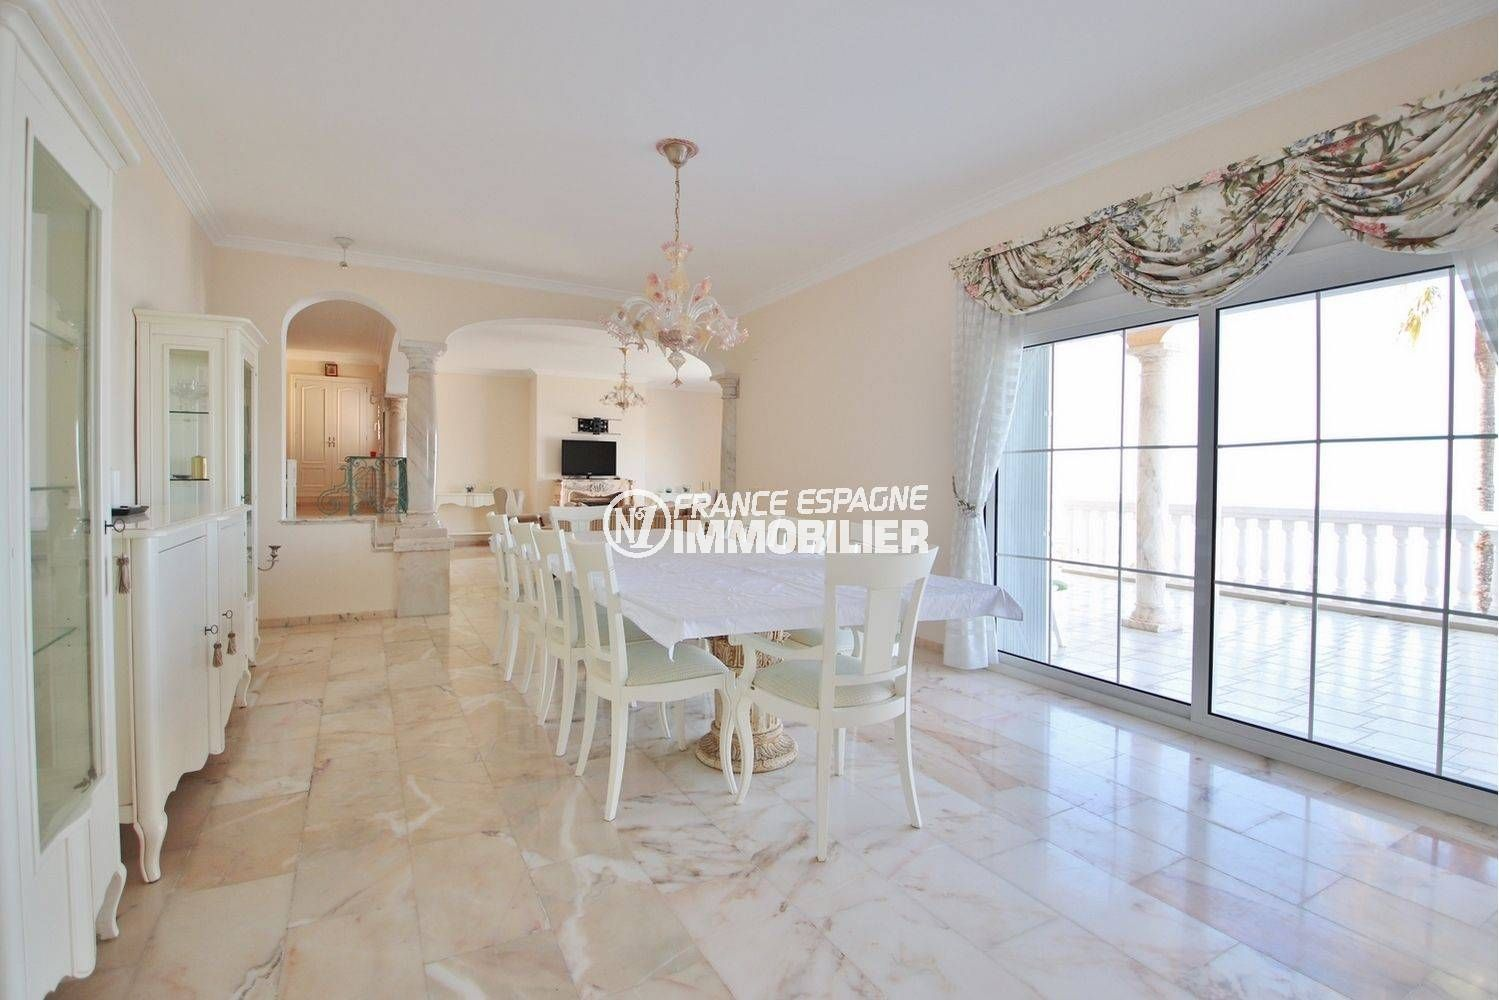 vente maison rosas espagne, ref.3614, salle à manger avec accès au salon et terrasse